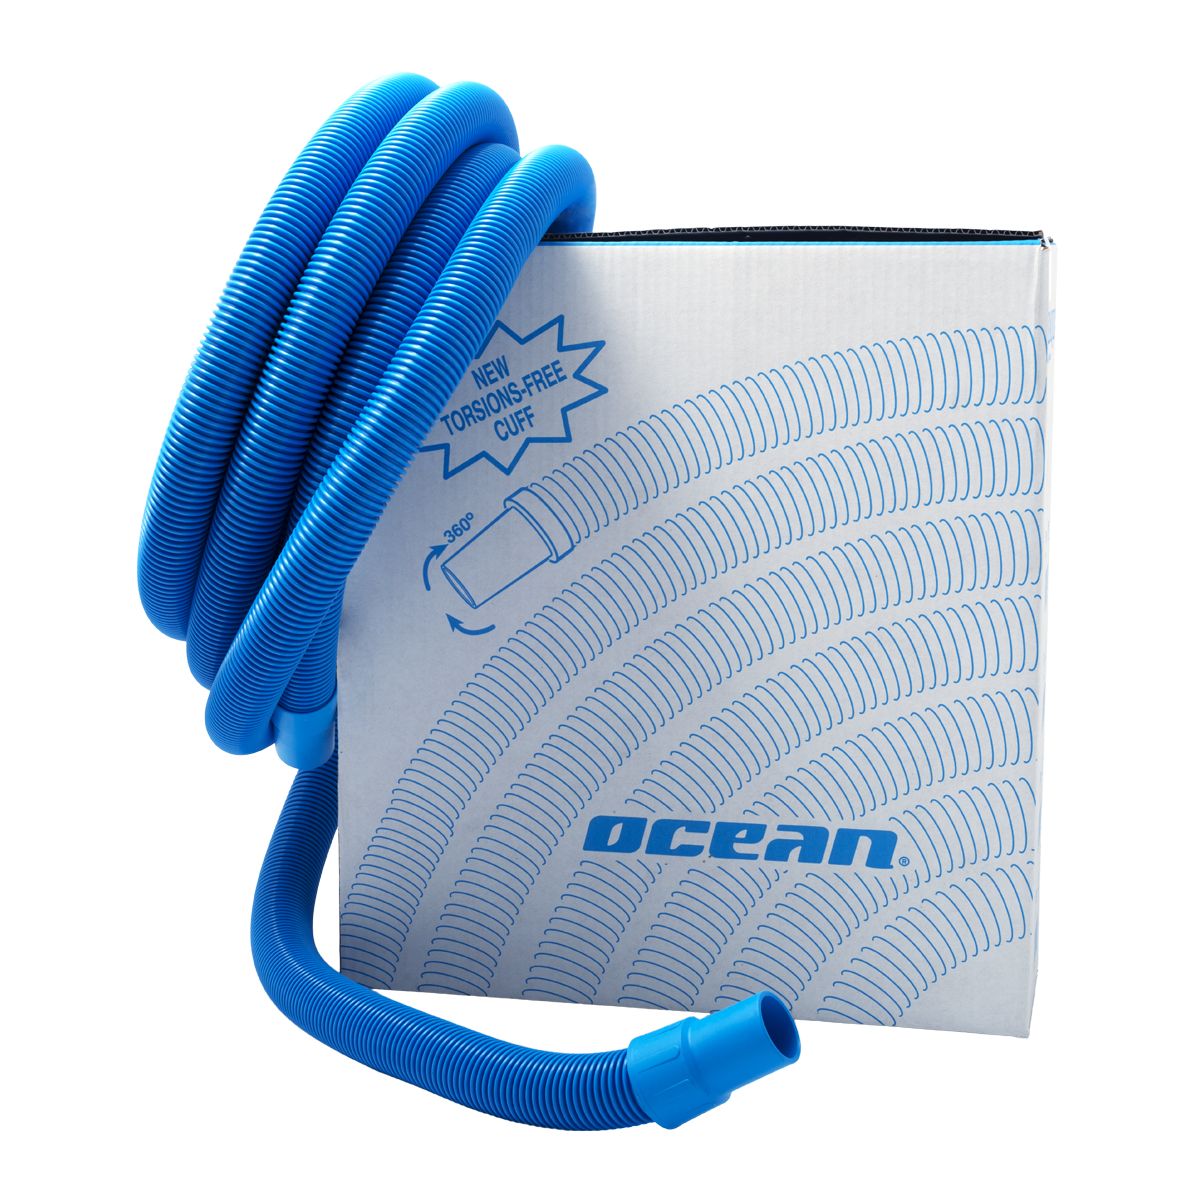 Swimming Pool Hose Ocean with elastic socket d=38mm blue l=12 m Swimming Pool Hose Ocean with elastic socket d=38mm blue l=12 m